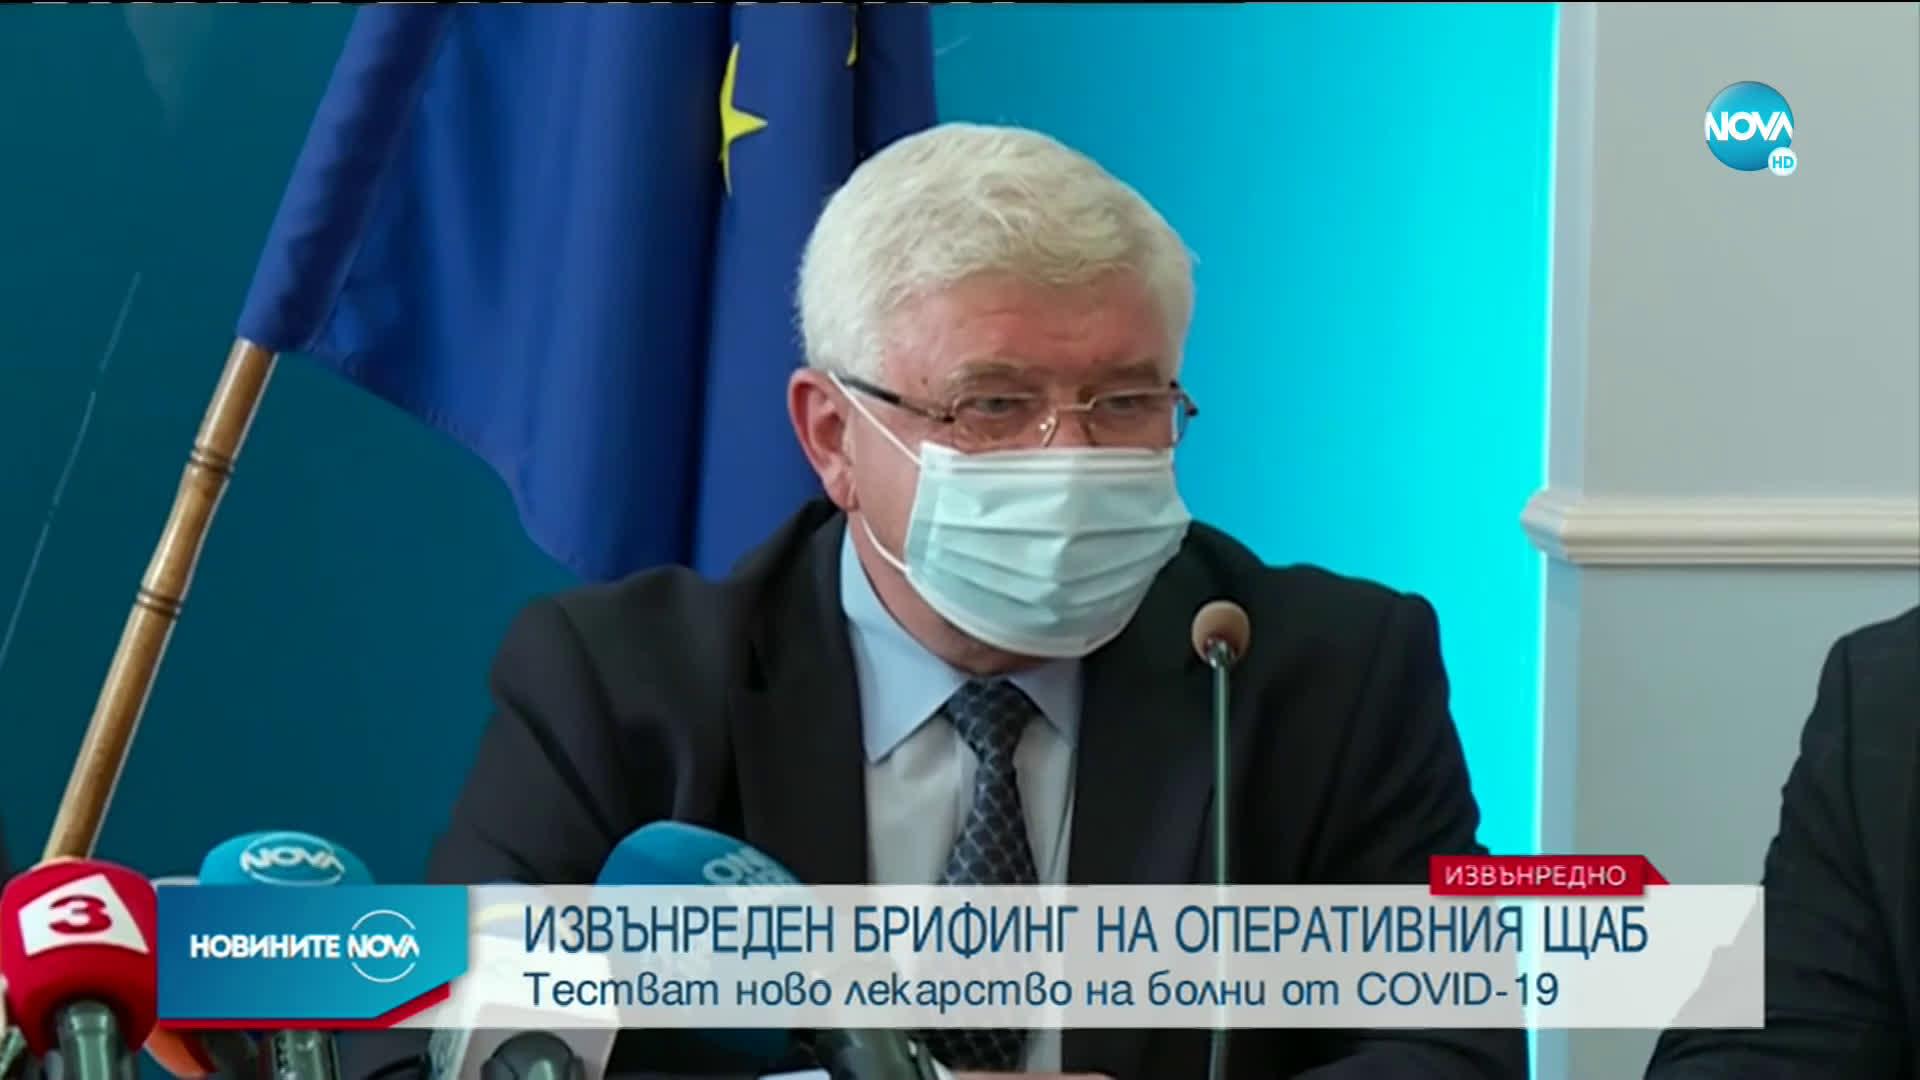 Български екип е близо до откриване на лекарство срещу COVID-19